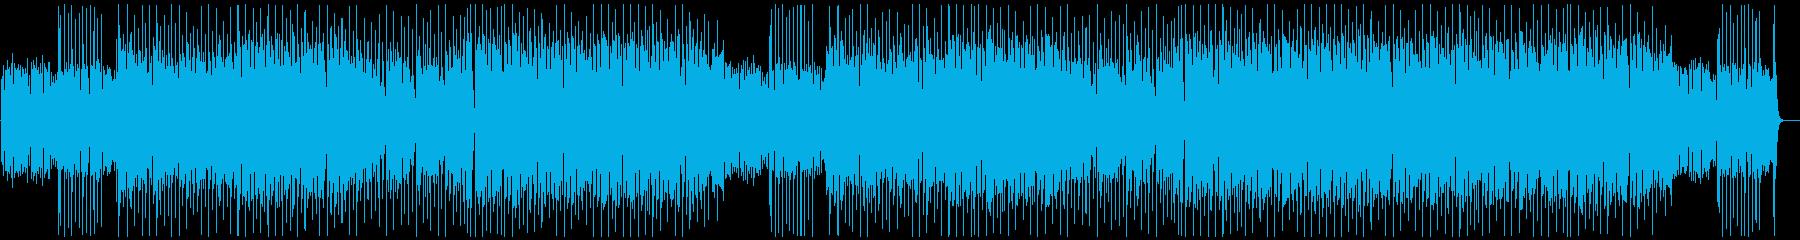 焦り・焦燥感 エレキギターの再生済みの波形